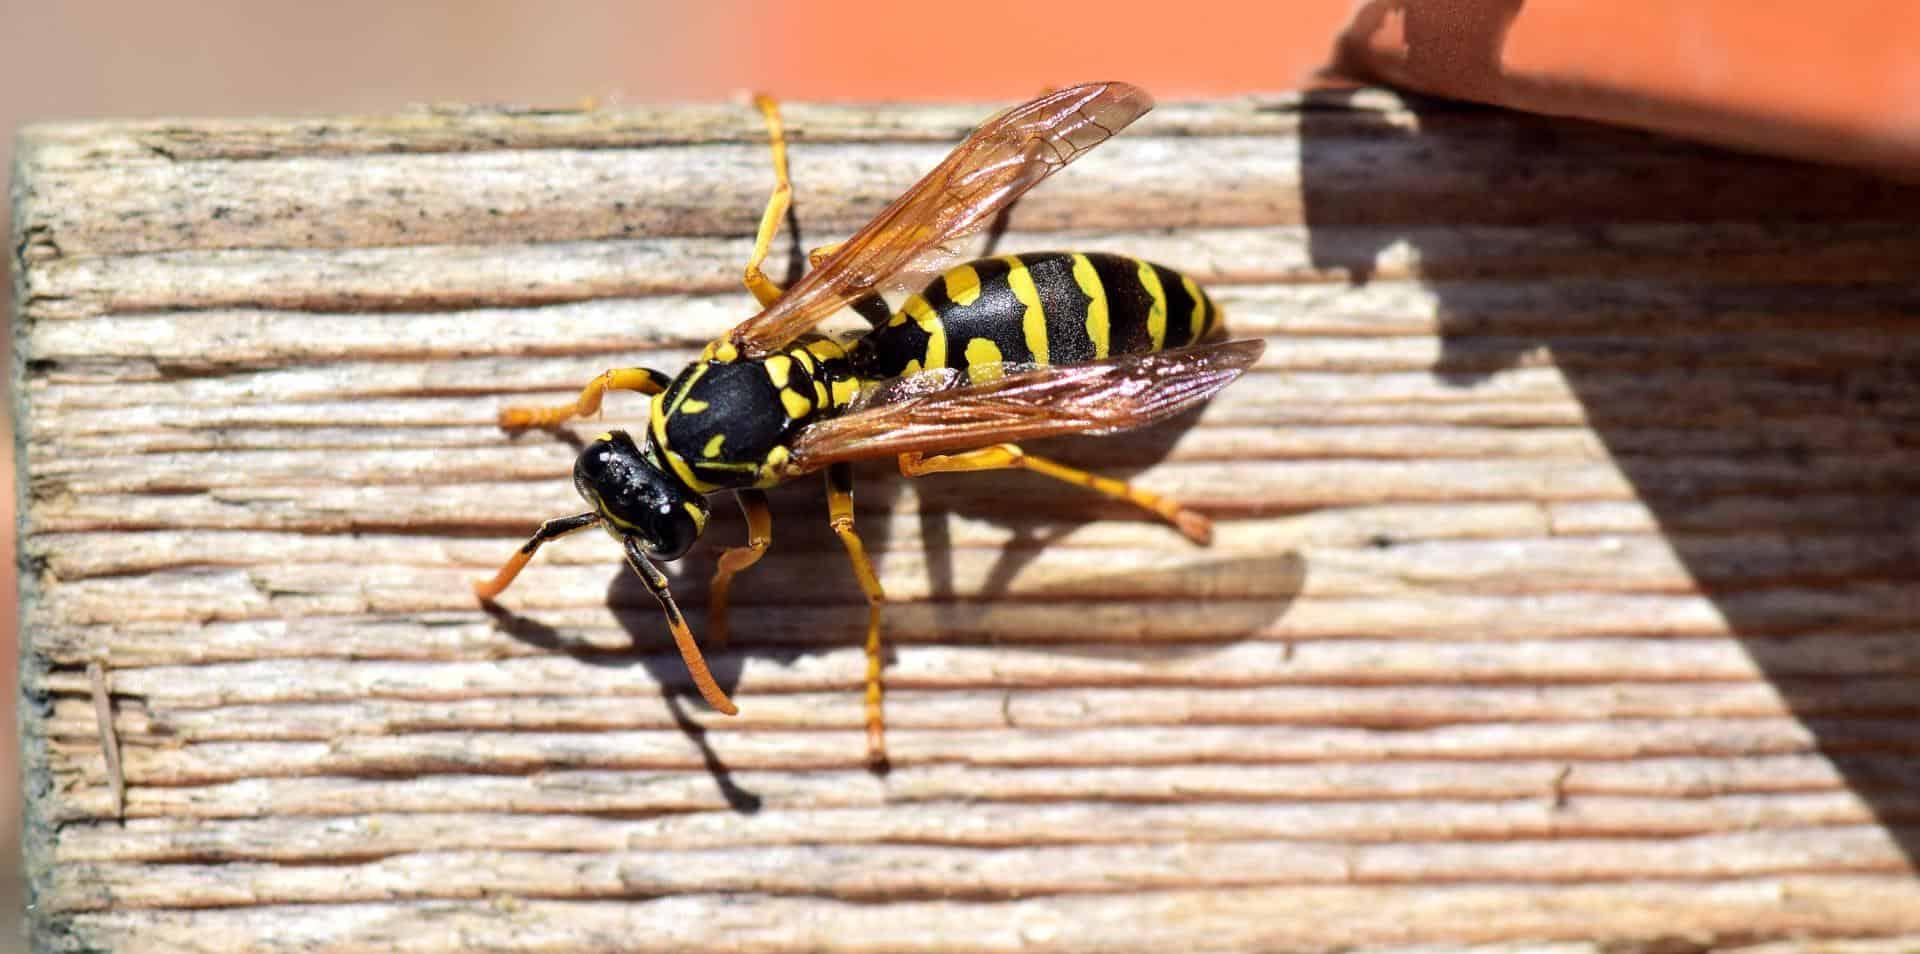 Allontanare le vespe: consigli utili e rimedi naturali